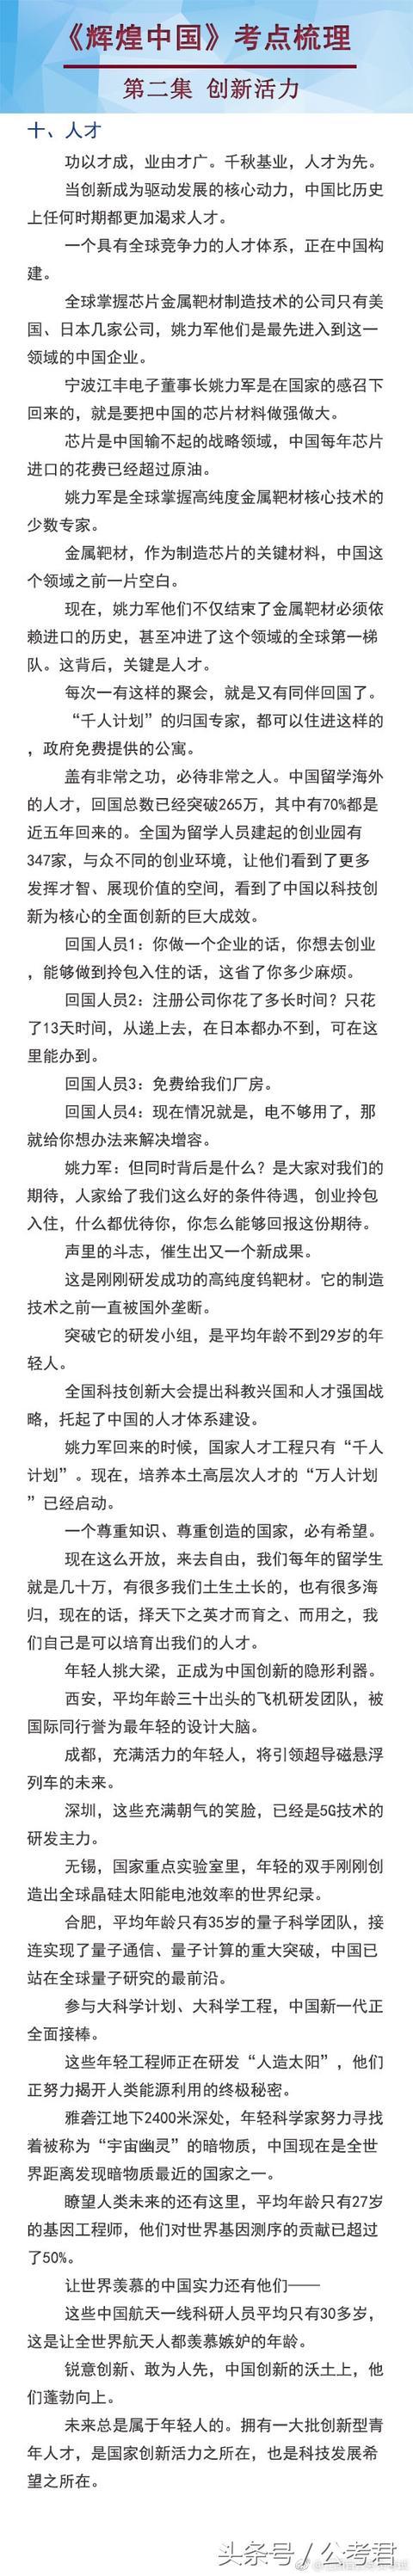 创新十大考点—高端智能床、大飞机、海工领域、中国天眼等